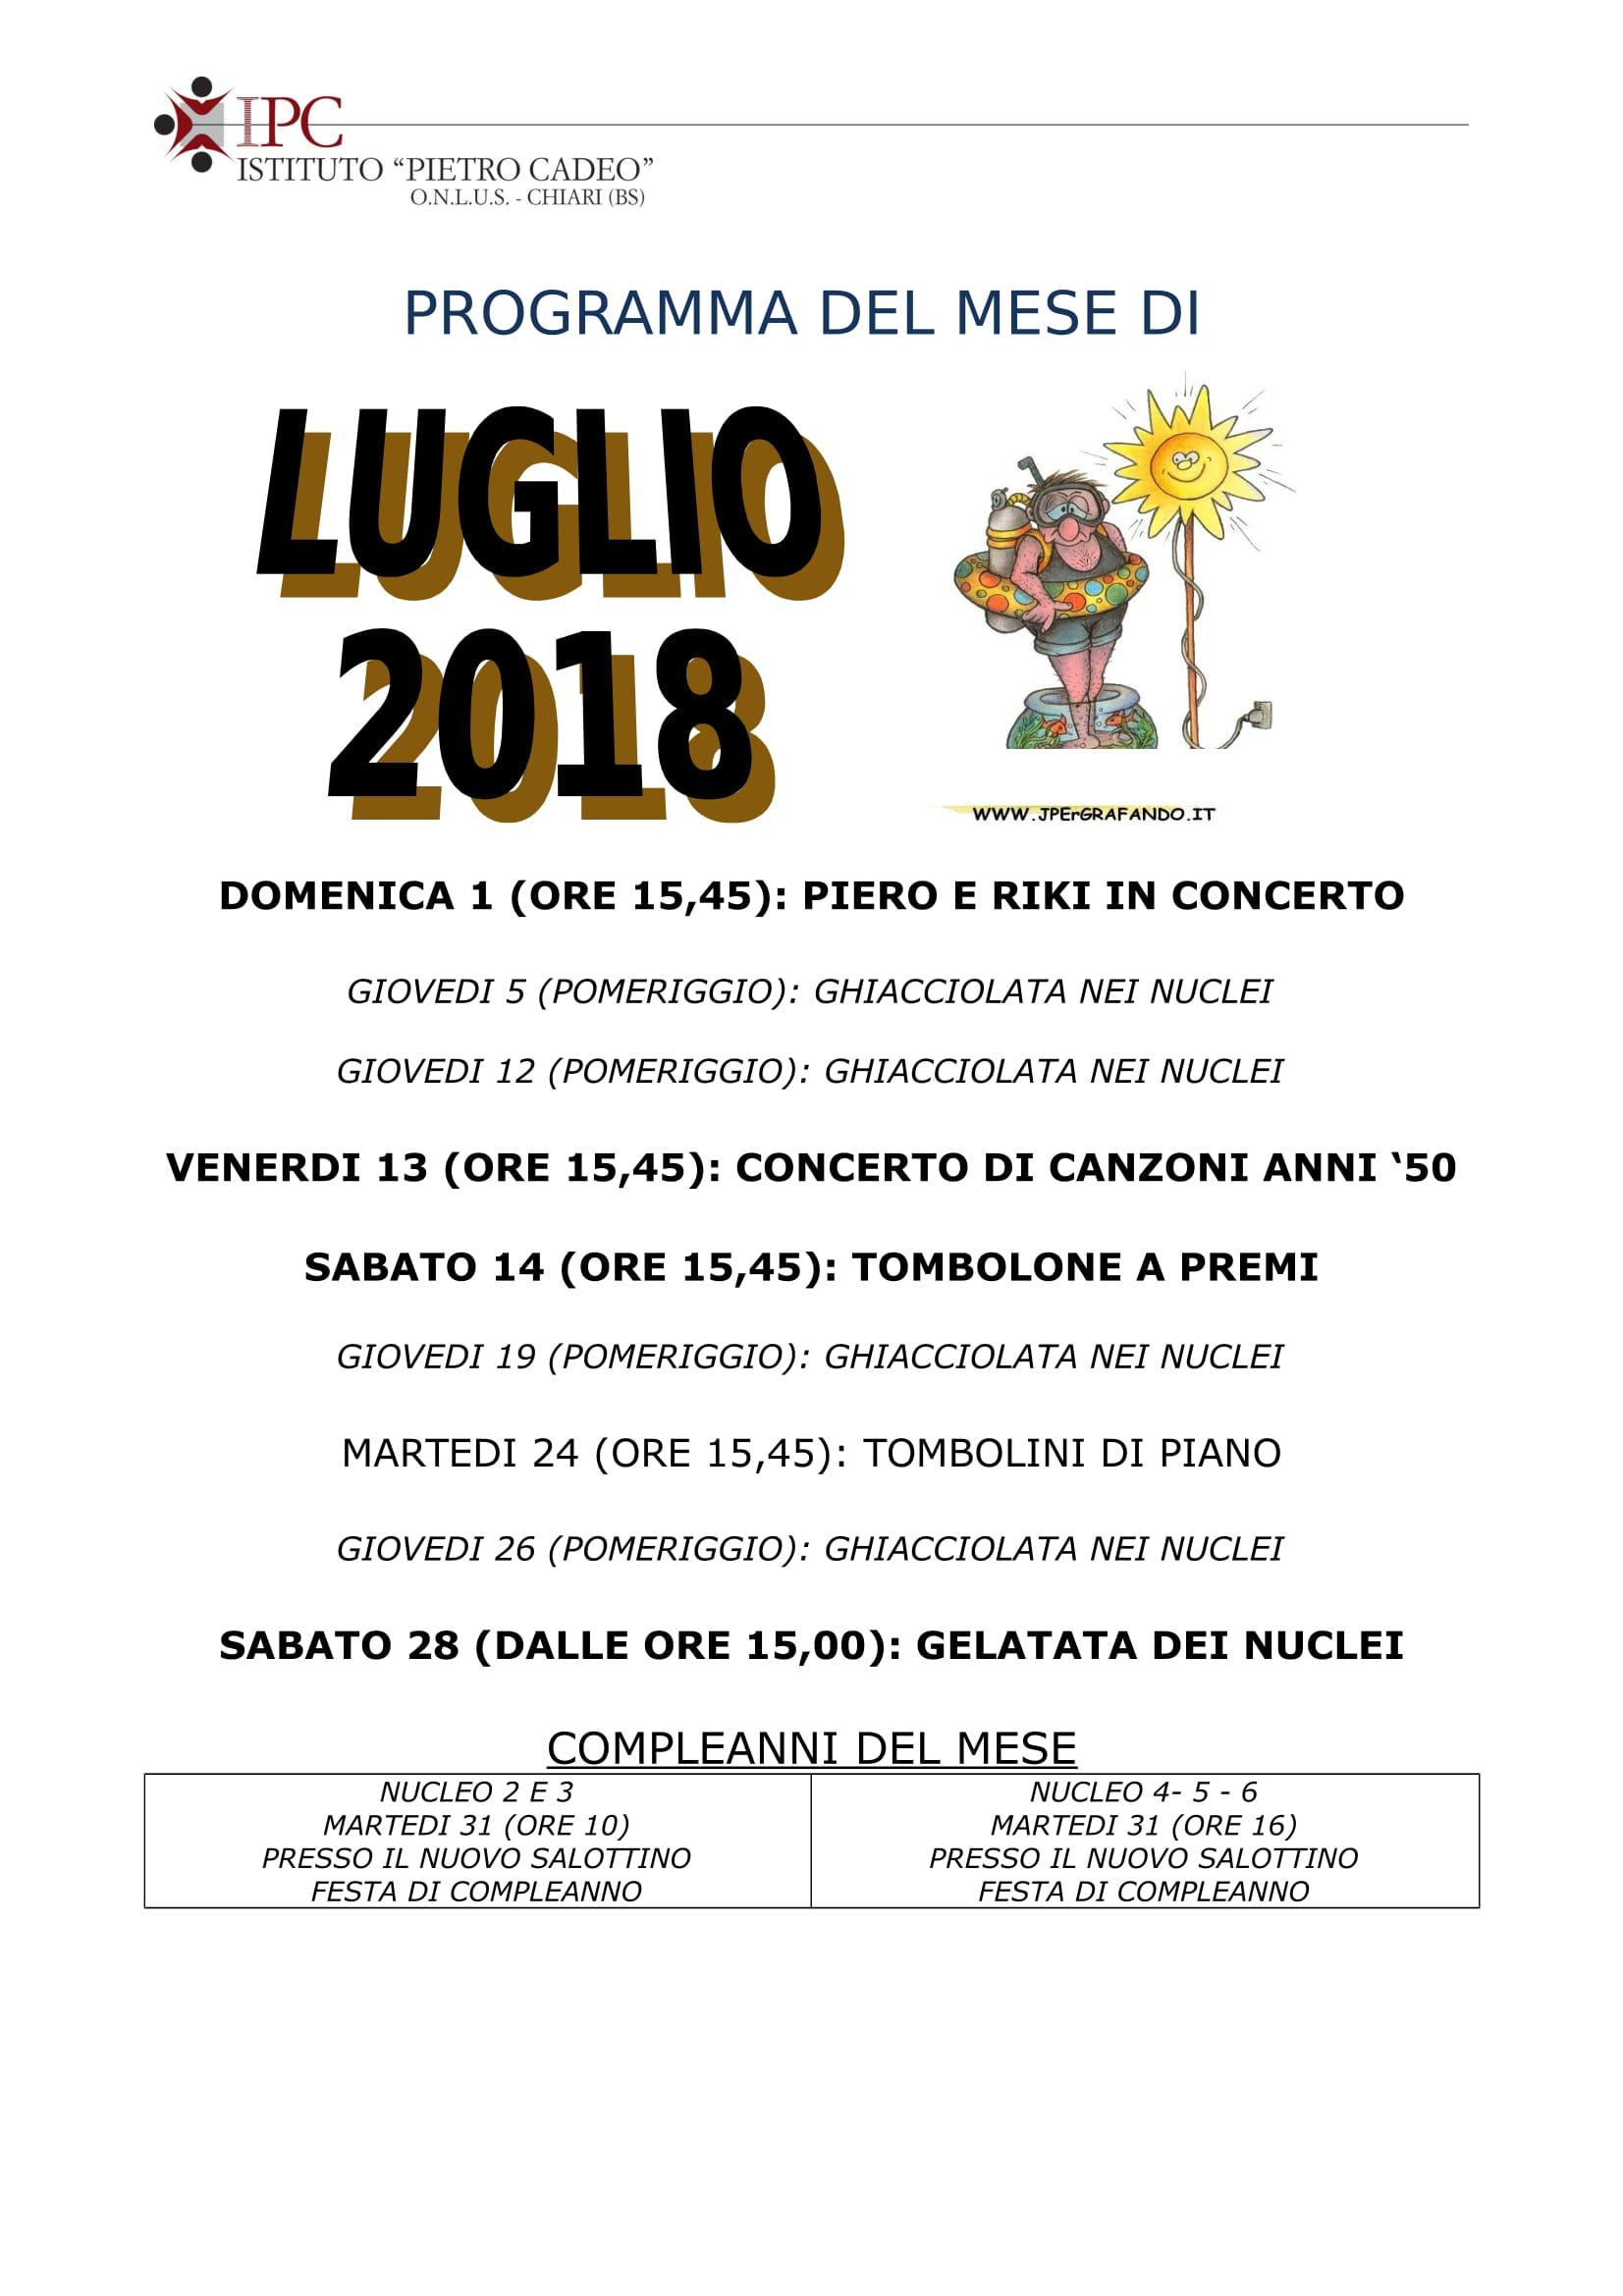 PROGRAMMA LUGLIO 2018-1